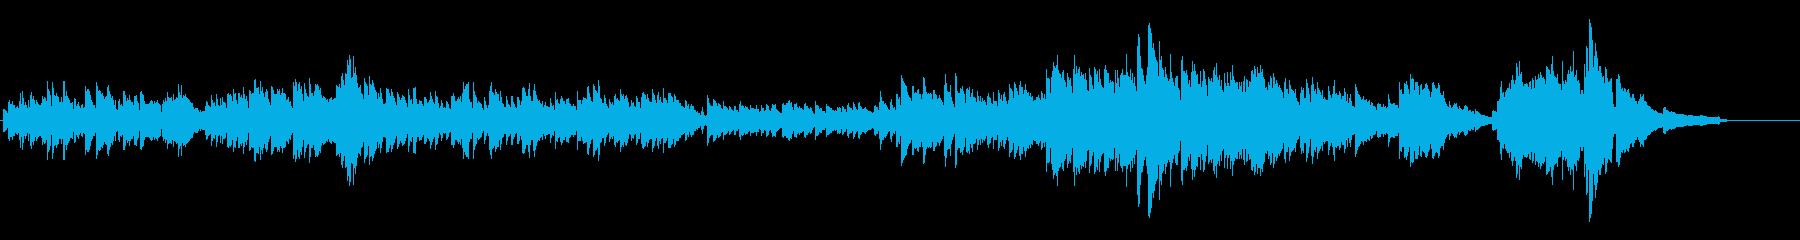 ピアノソロクラシックの再生済みの波形